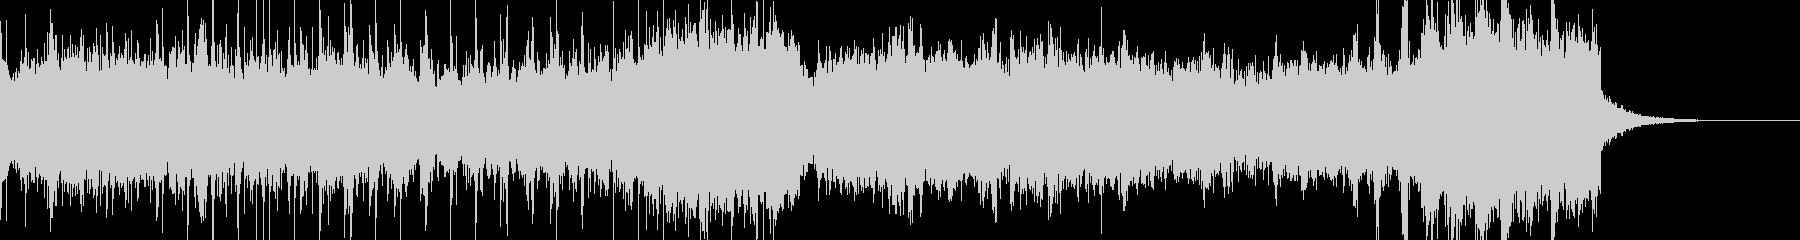 宇宙空間を表現したダークシンセ音の未再生の波形